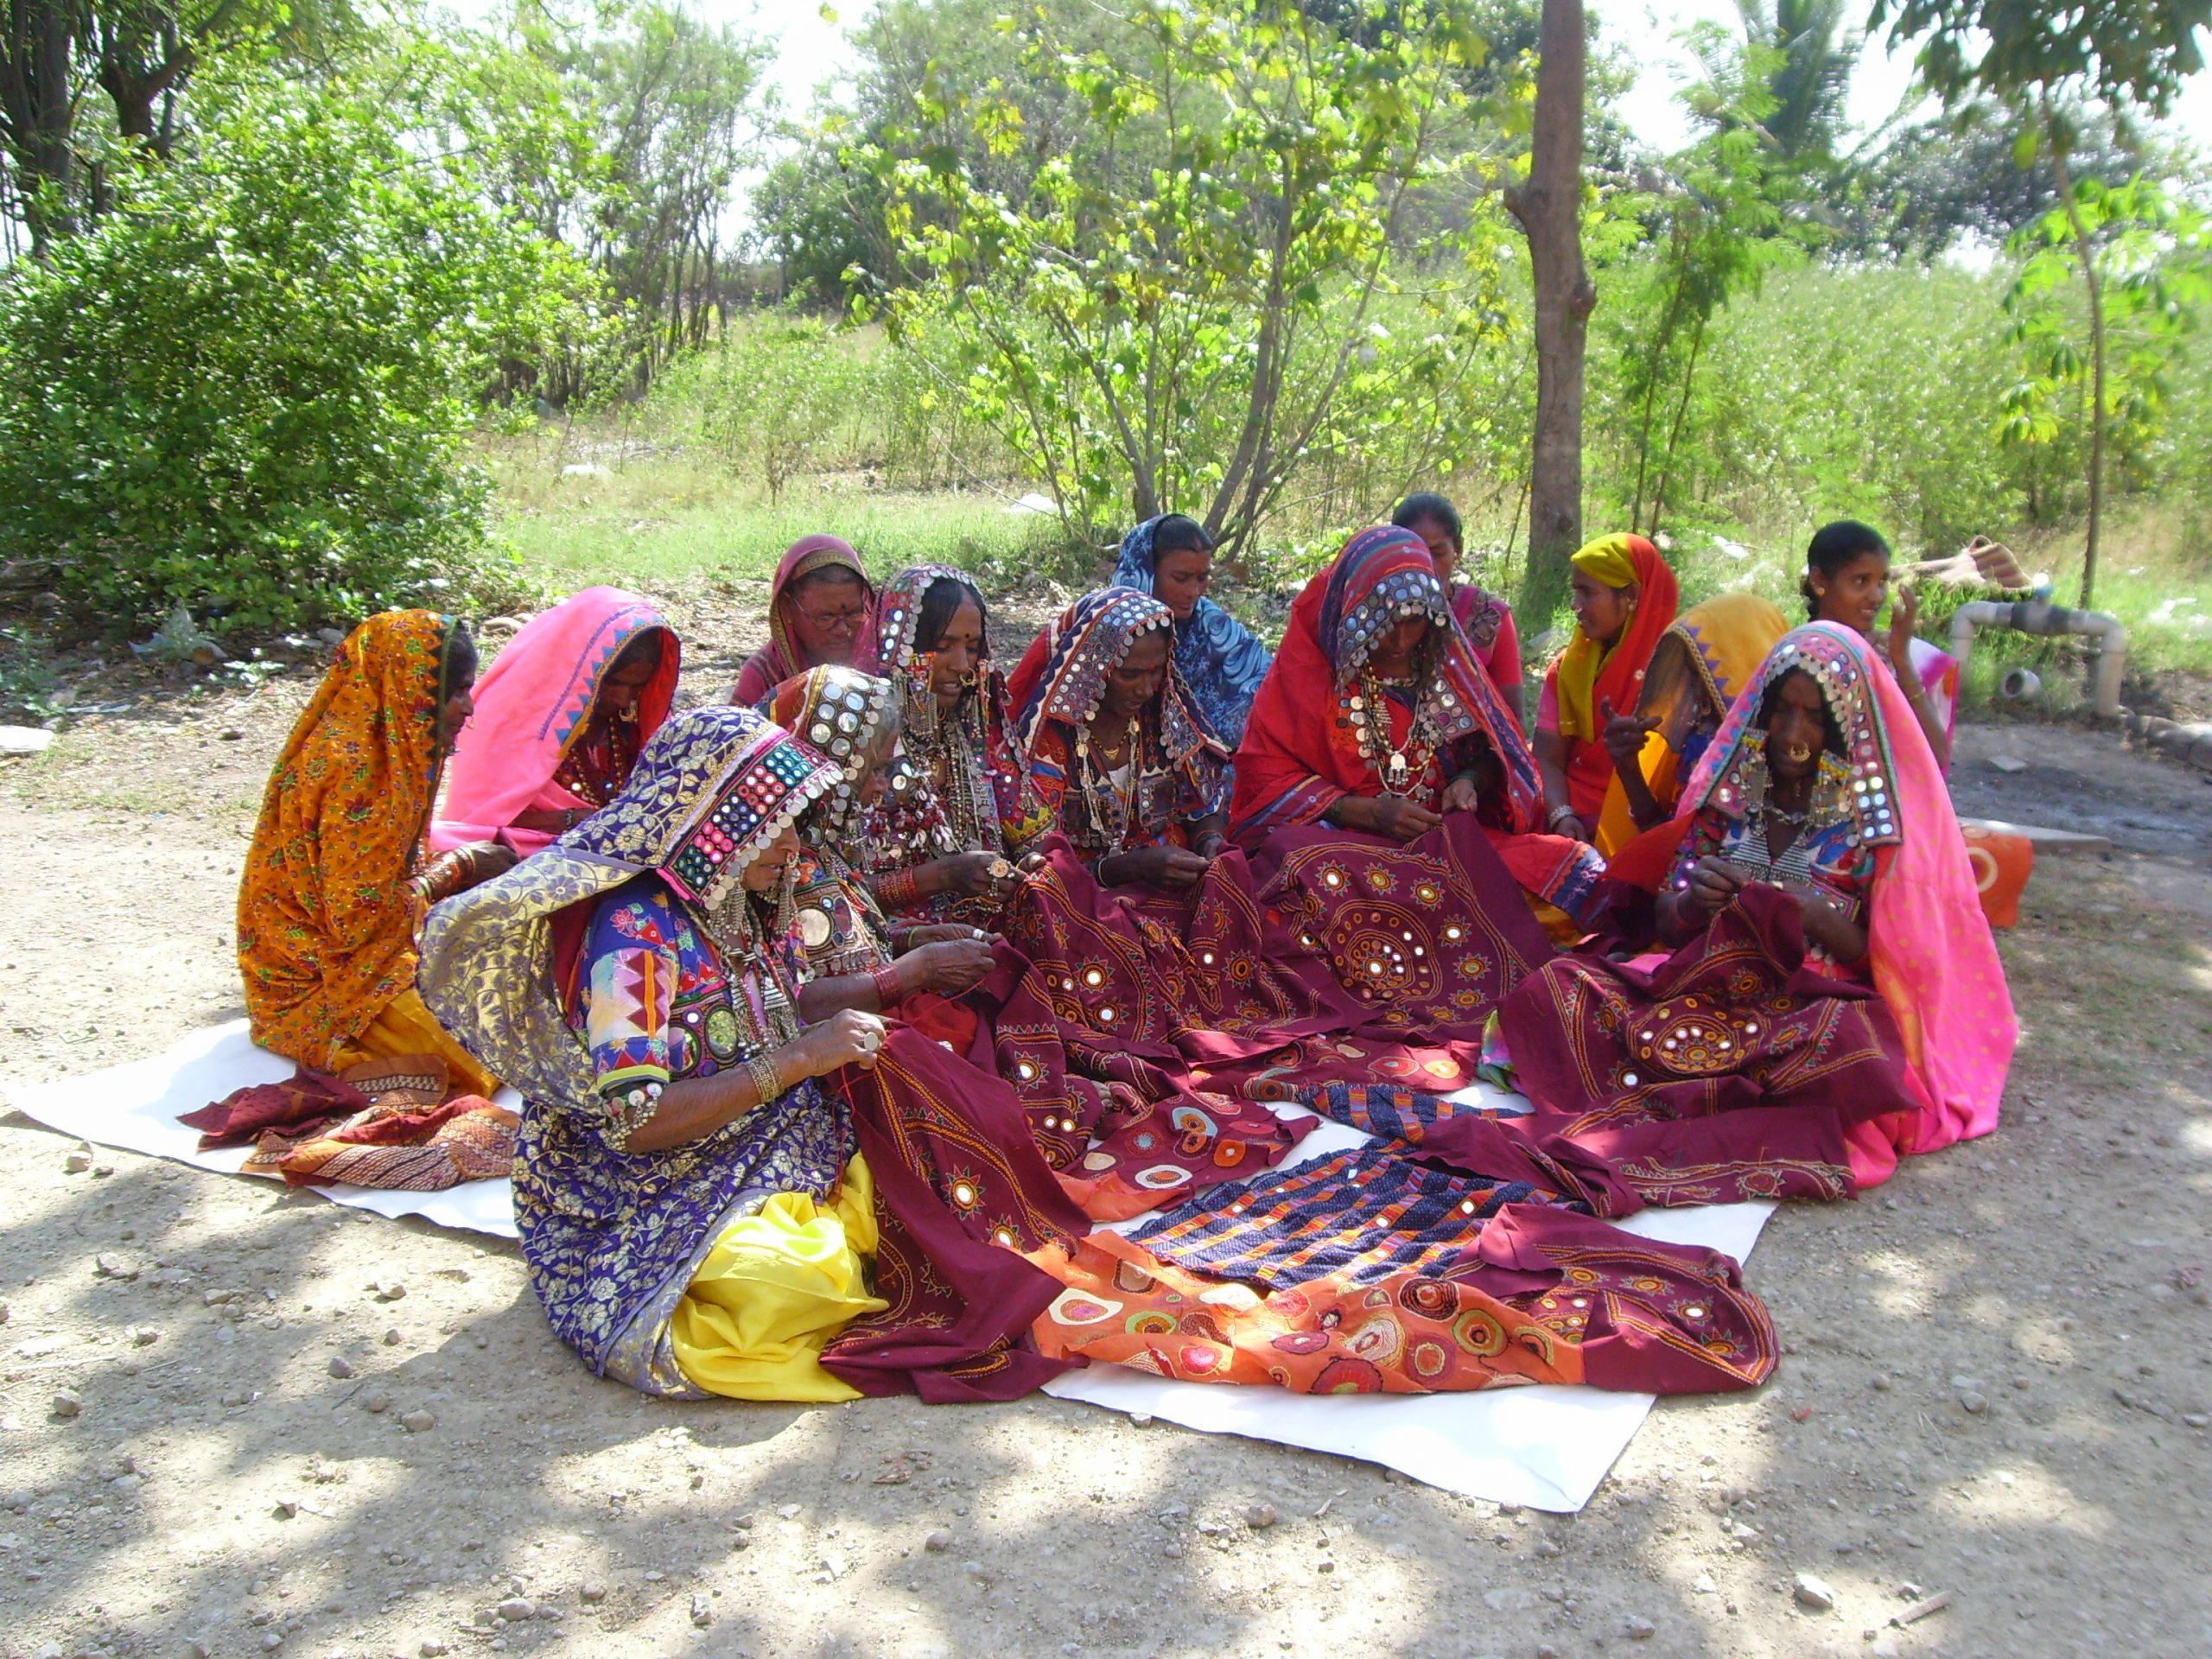 Group of Lambani women working on embroidery_SHGs_Wikipedia